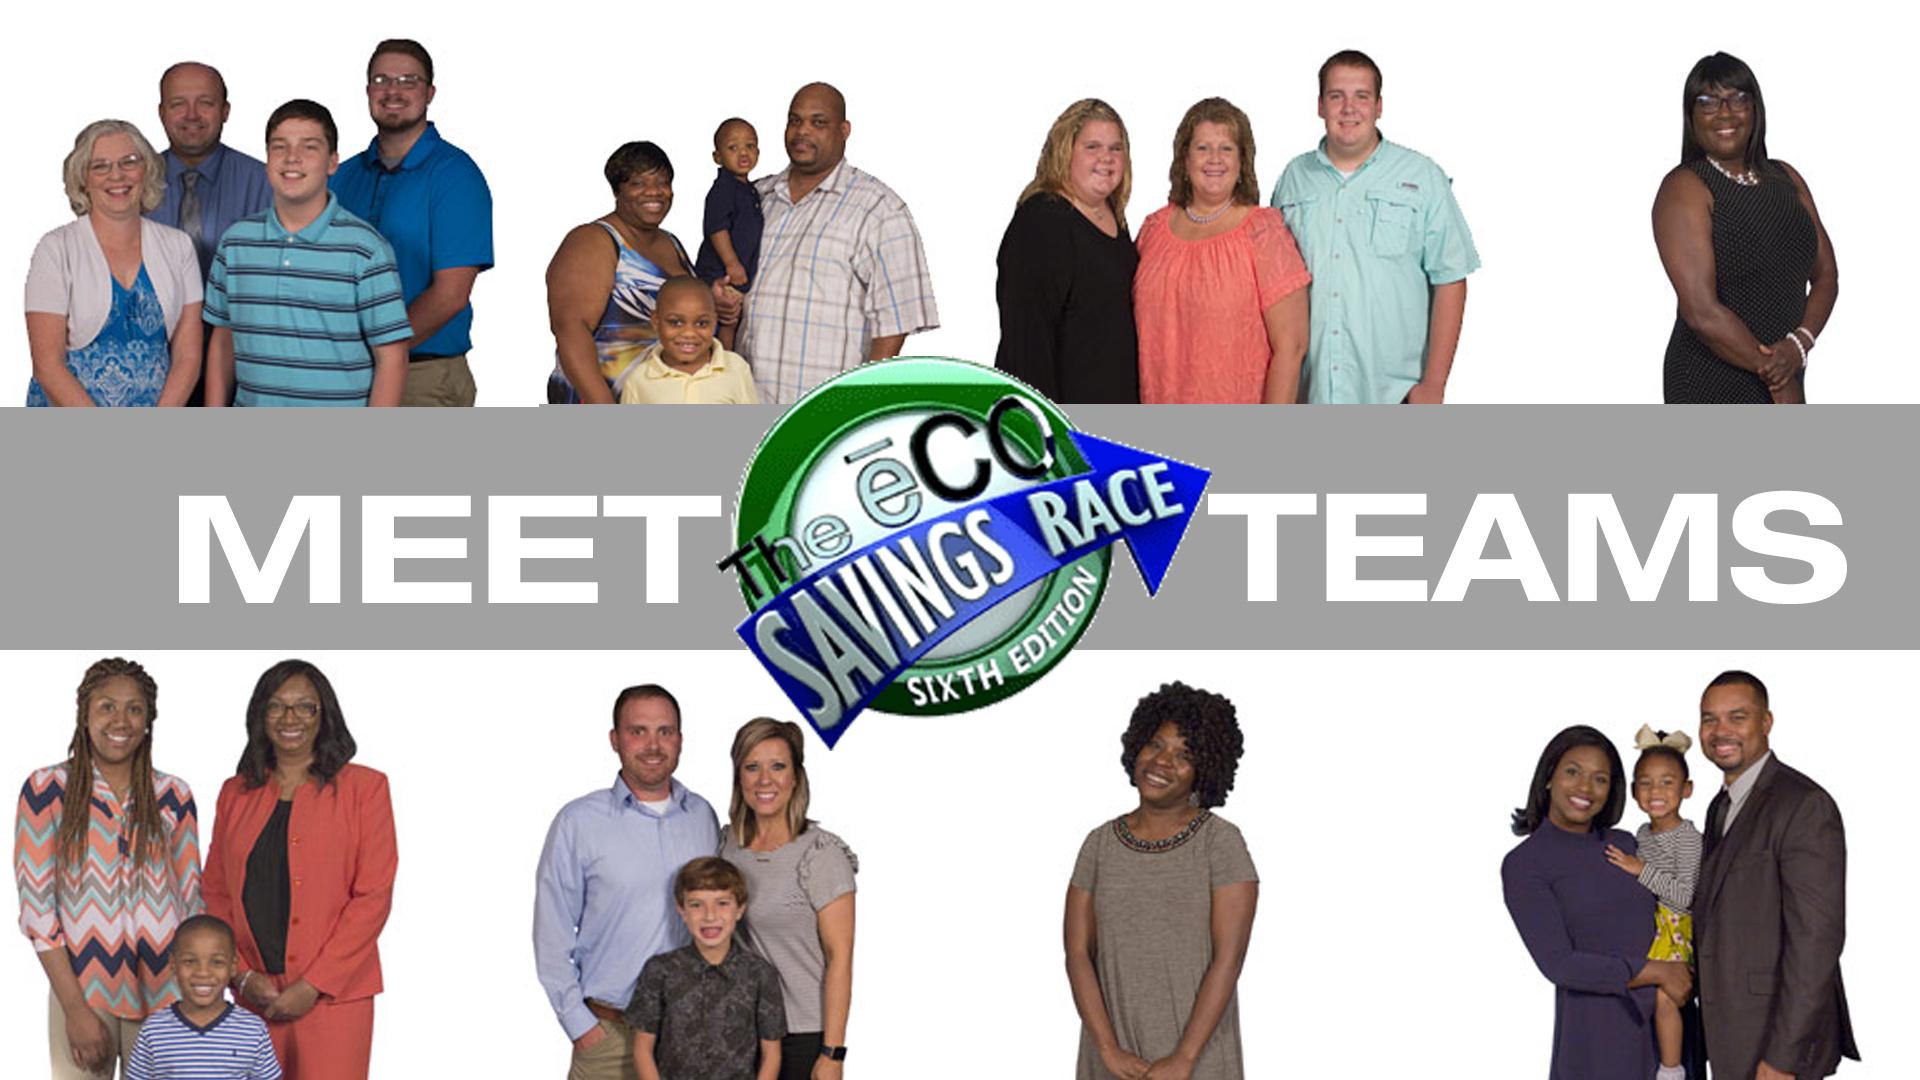 meet-the-teams-eco_310936